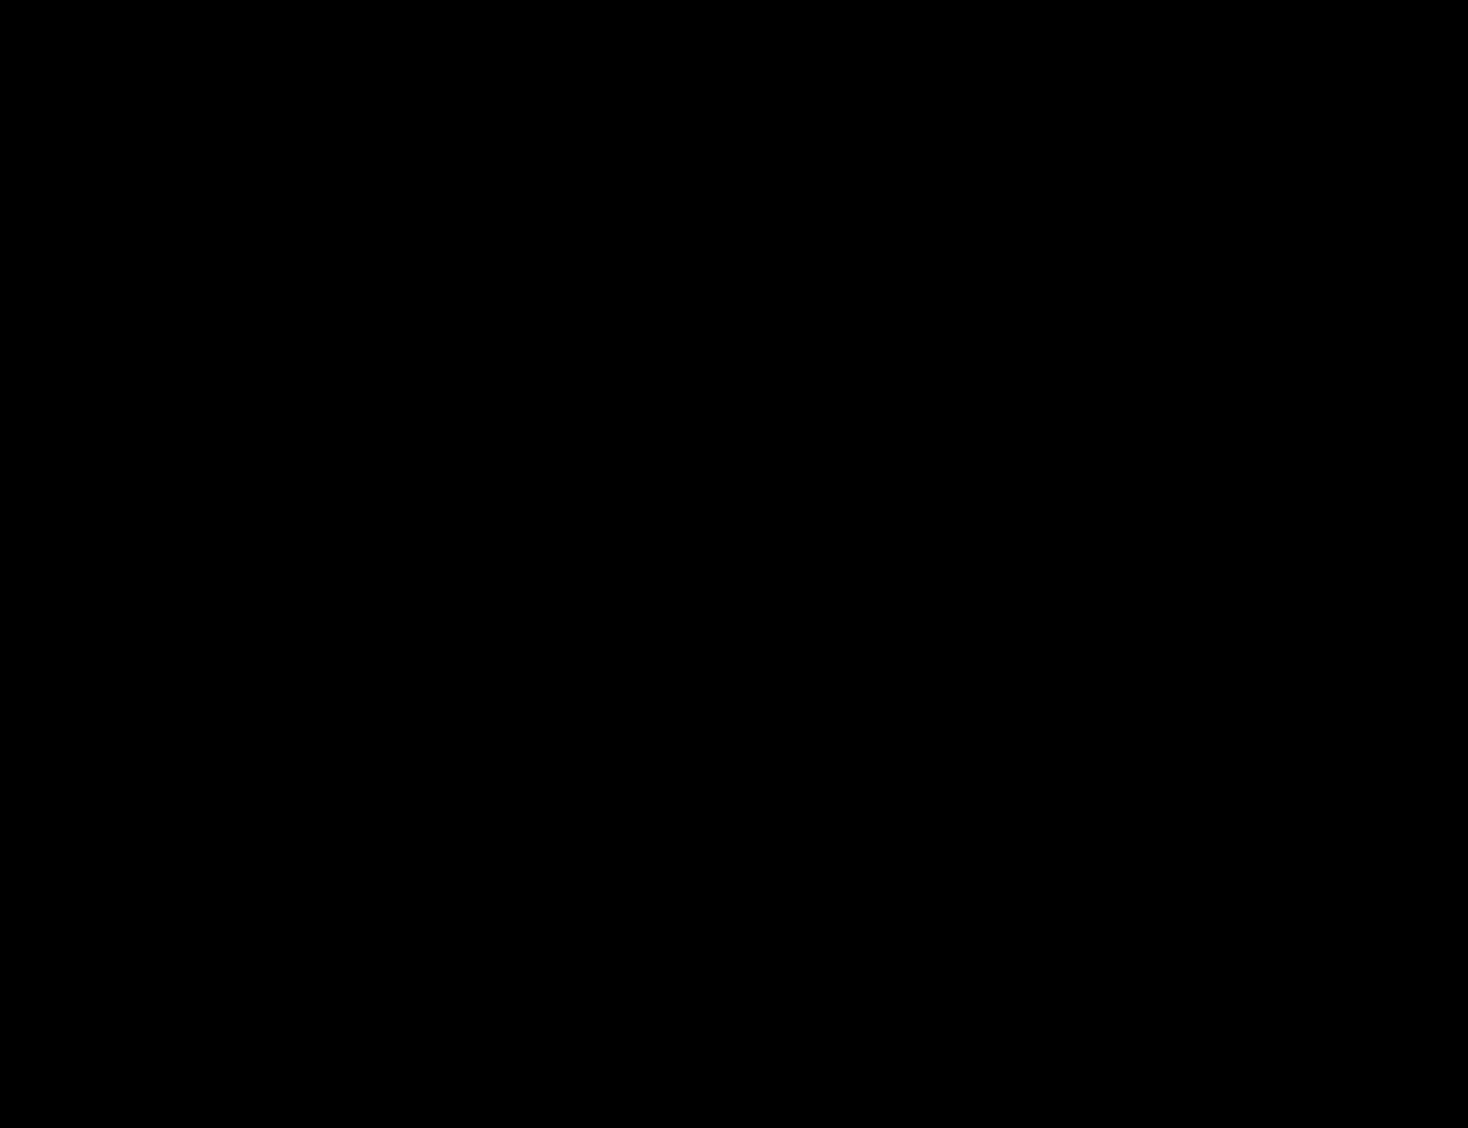 N-Dansyl-d<sub>6</sub> (2-di(propargyl)aminoethyl)amine